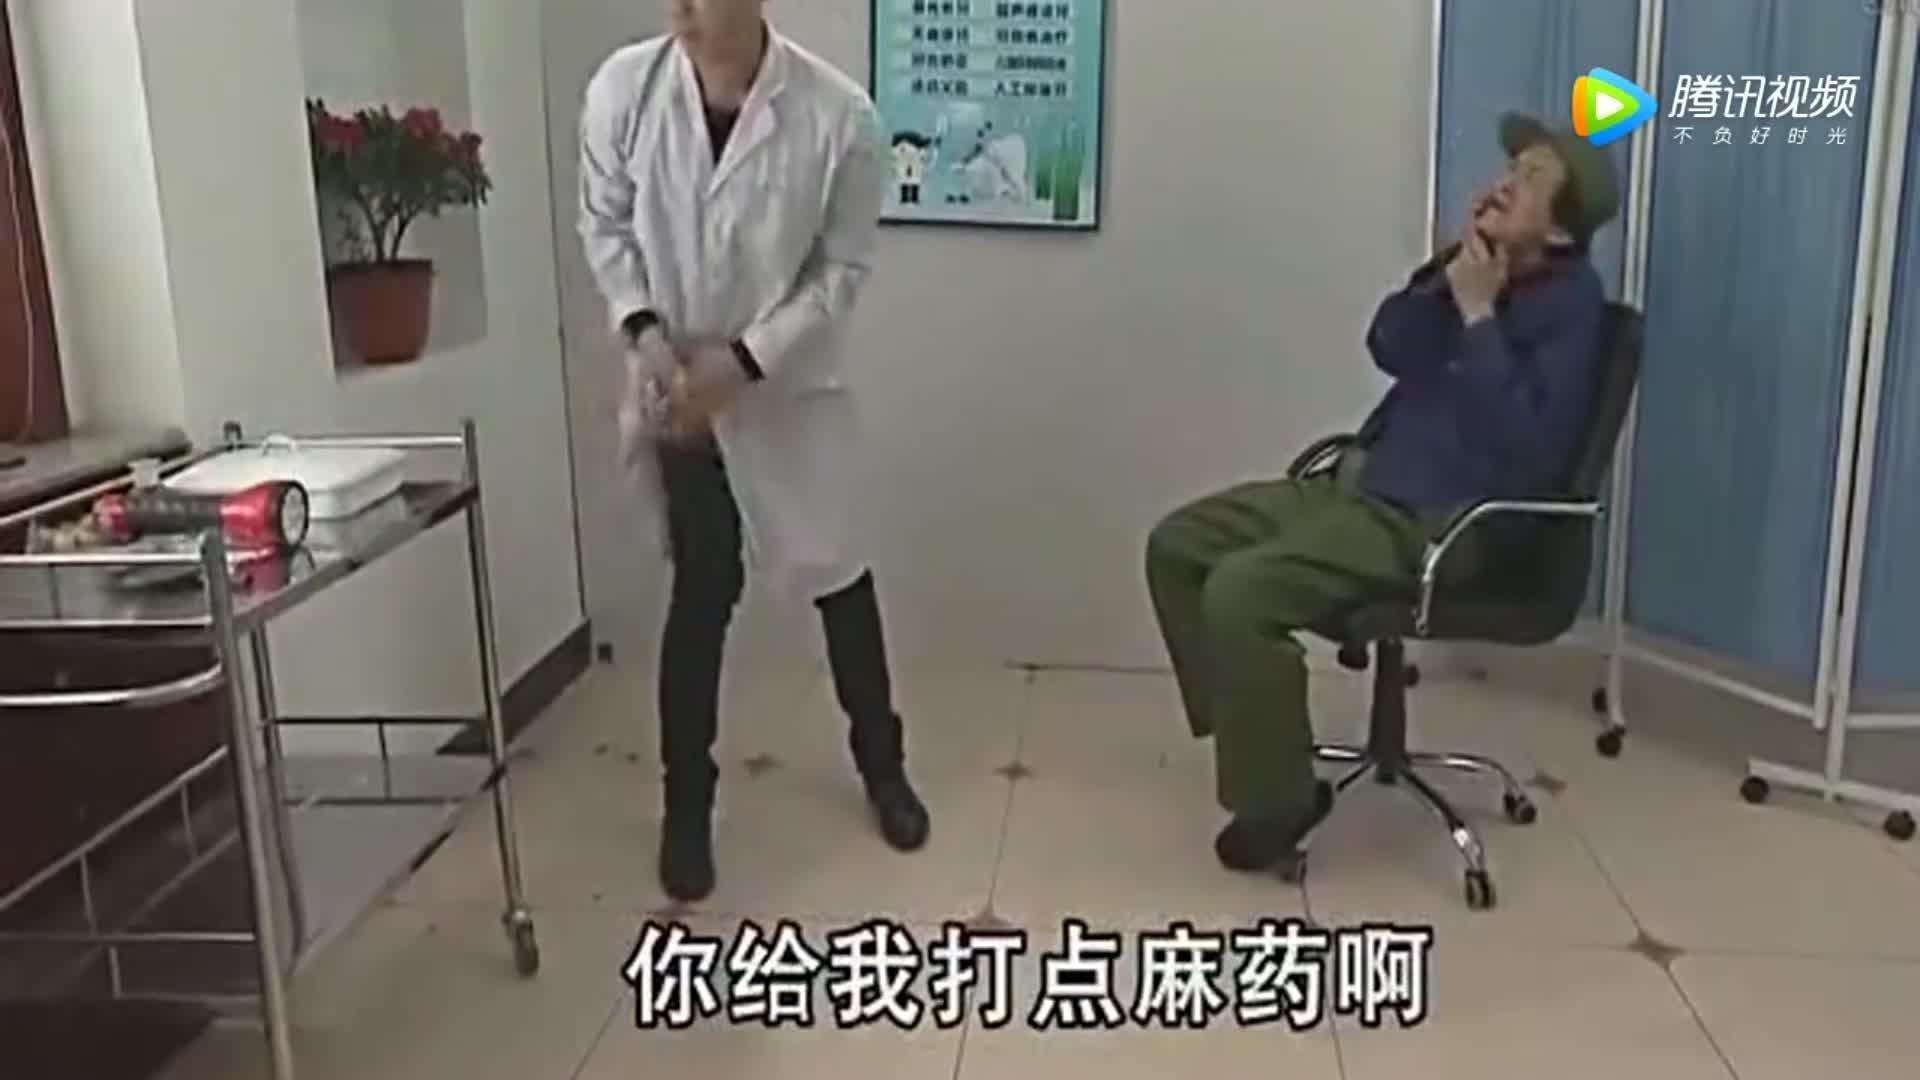 二货拔牙看遍所有科室笑抽了